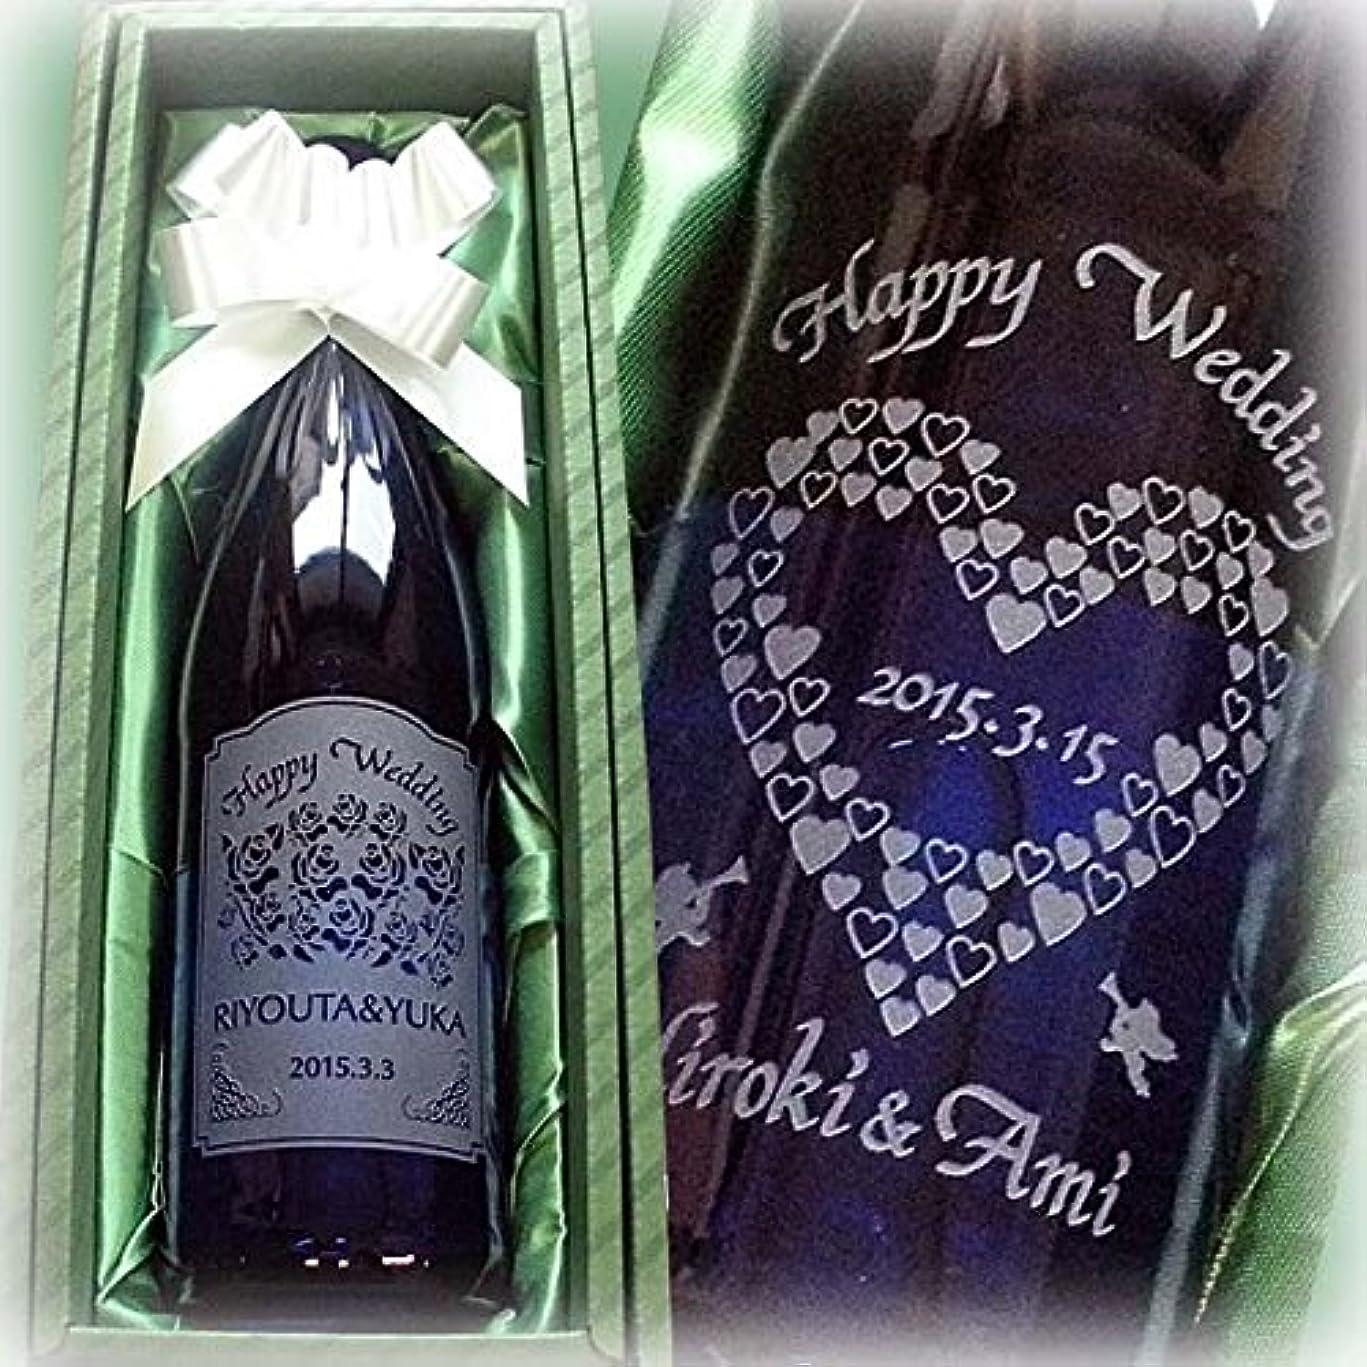 経営者誓う仕事に行く名入れ ワインA 誕生日 プレゼント お酒 男性 女性 名前入り 彫刻 ワイン(リープフラウミルヒ白ワイン750ml)